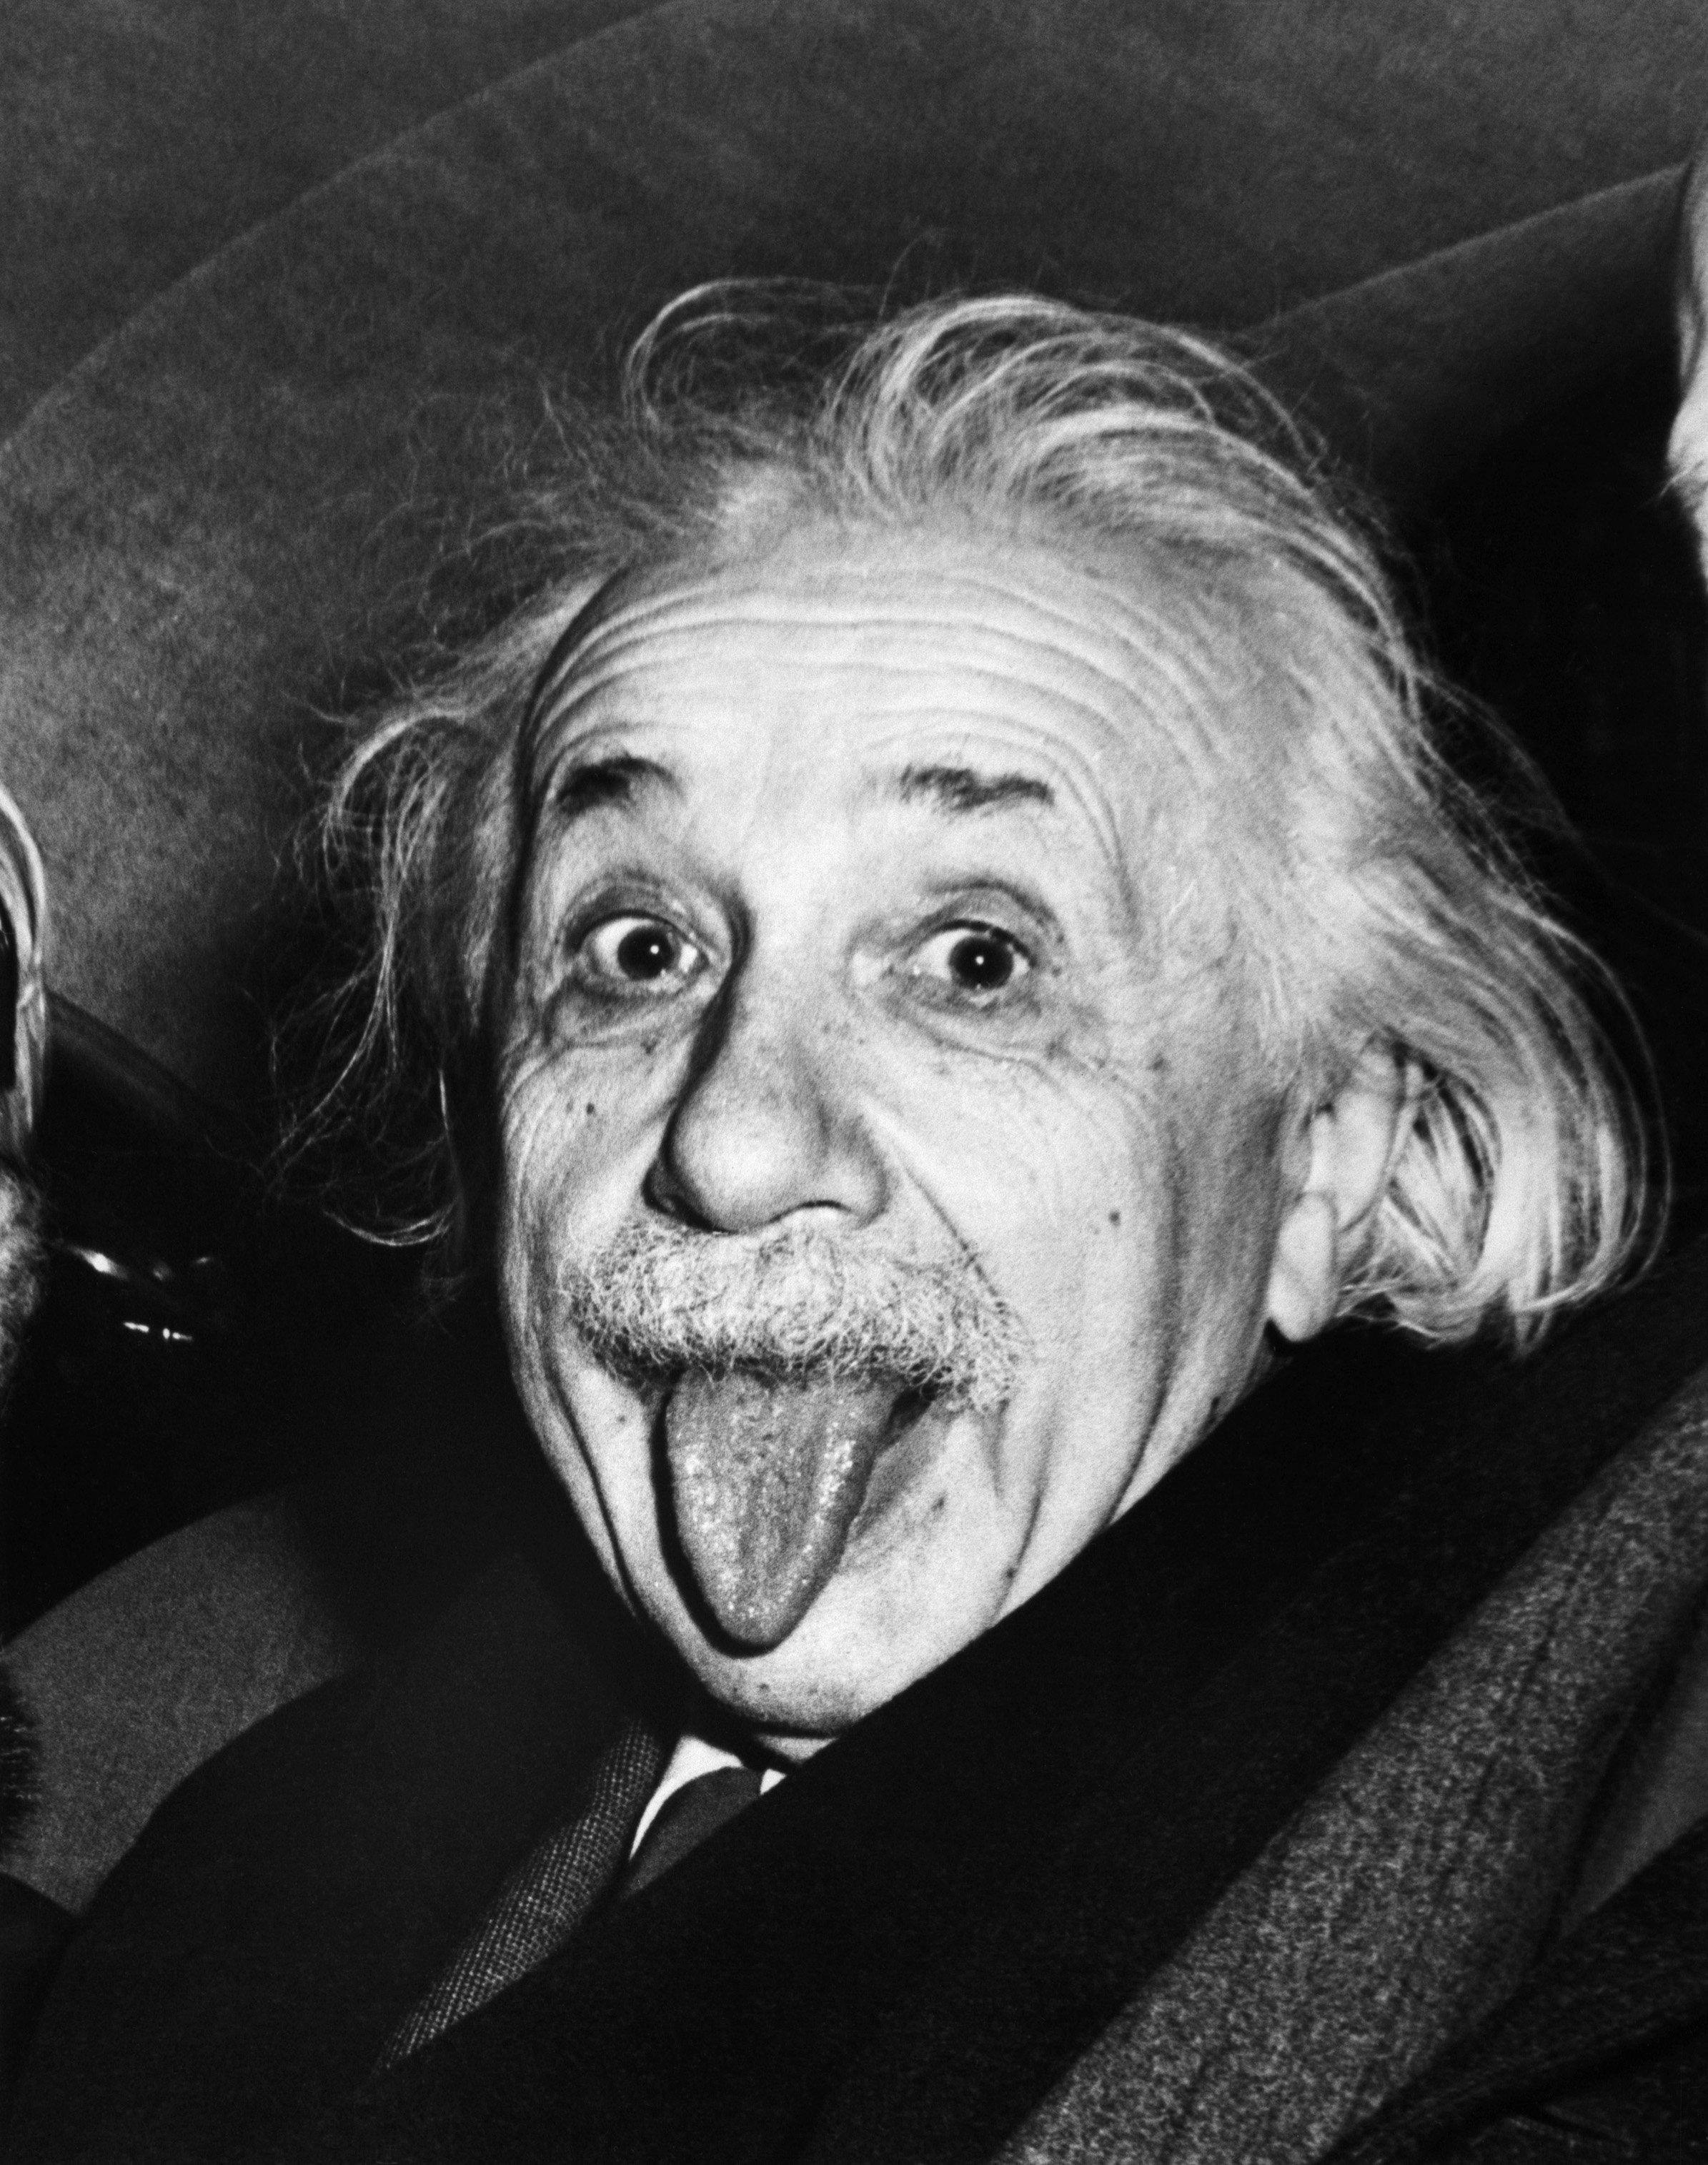 Эйнштейн и его загадка - Изображение 1